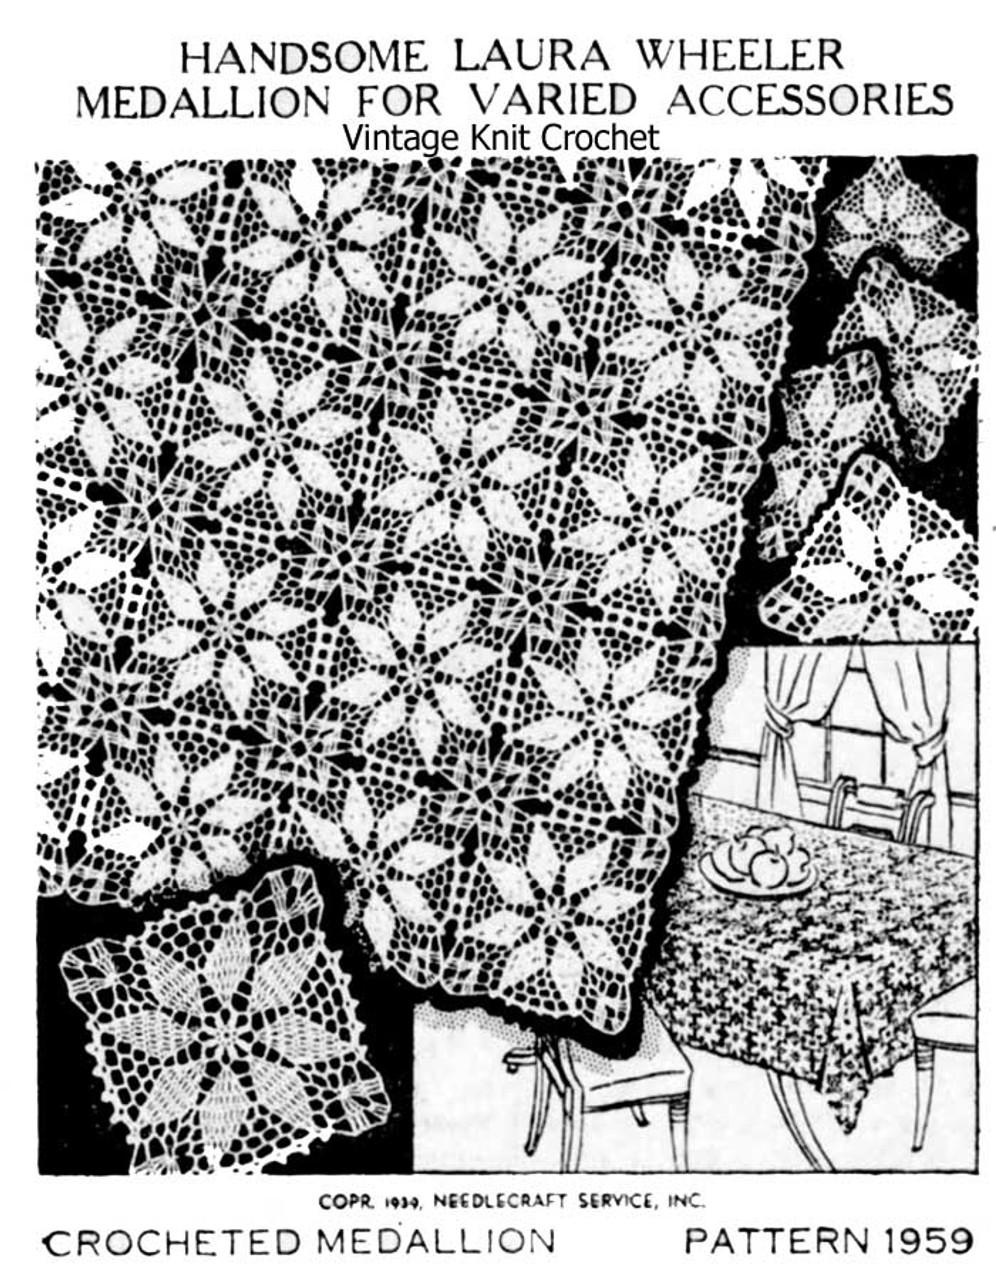 Vintage Crochet Star of the Morning Medallion Design 1950